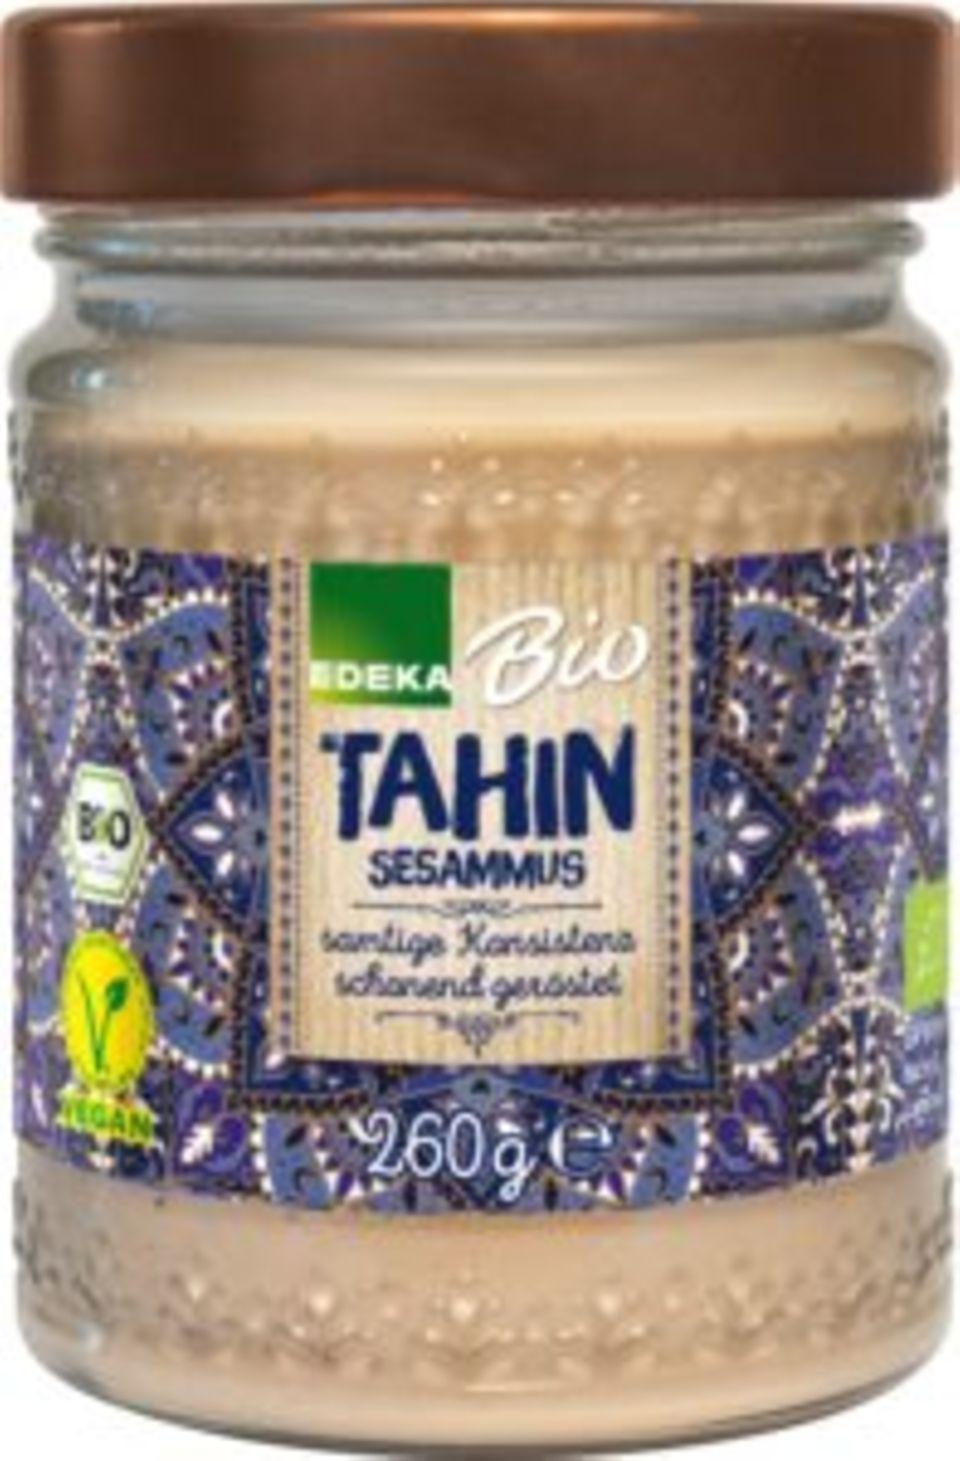 Rückrufe und Produktwarnungen: Hersteller ruft Edeka-Sesammus (Tahin) zurück